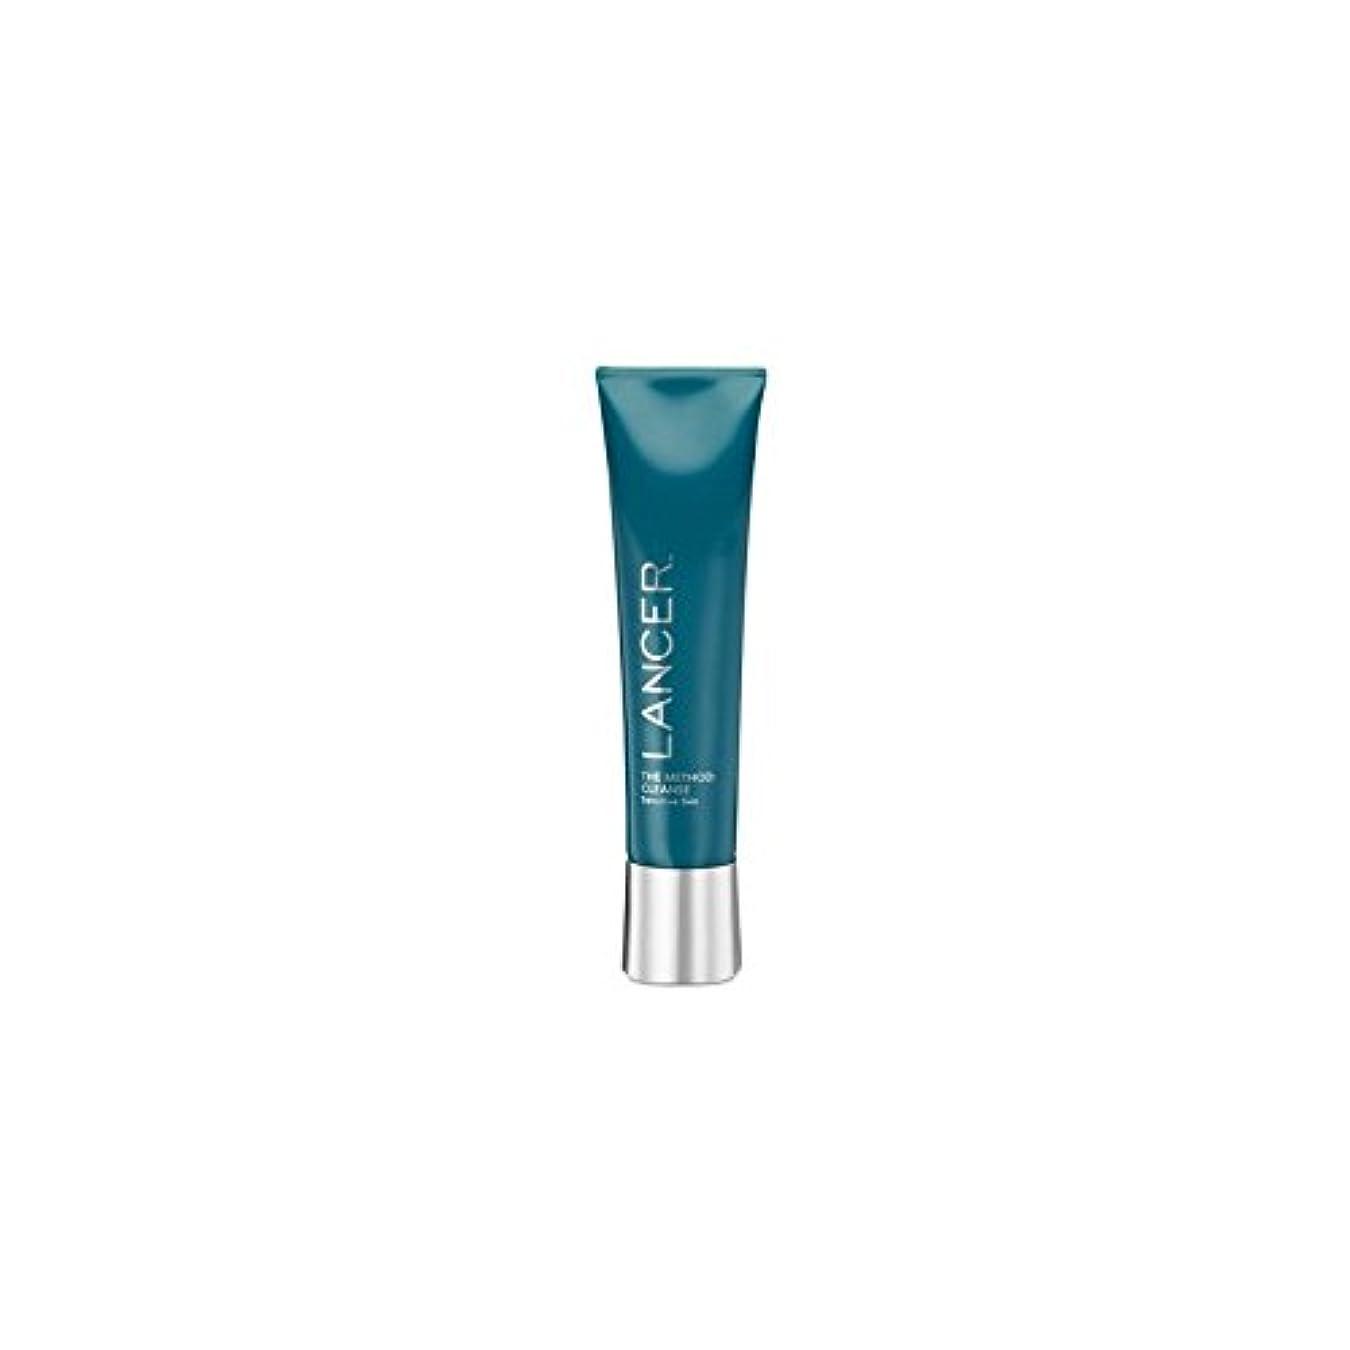 エレガント天予防接種するLancer Skincare The Method: Cleanser Sensitive Skin (120ml) - クレンザー敏感肌(120ミリリットル):ランサーは、メソッドをスキンケア [並行輸入品]